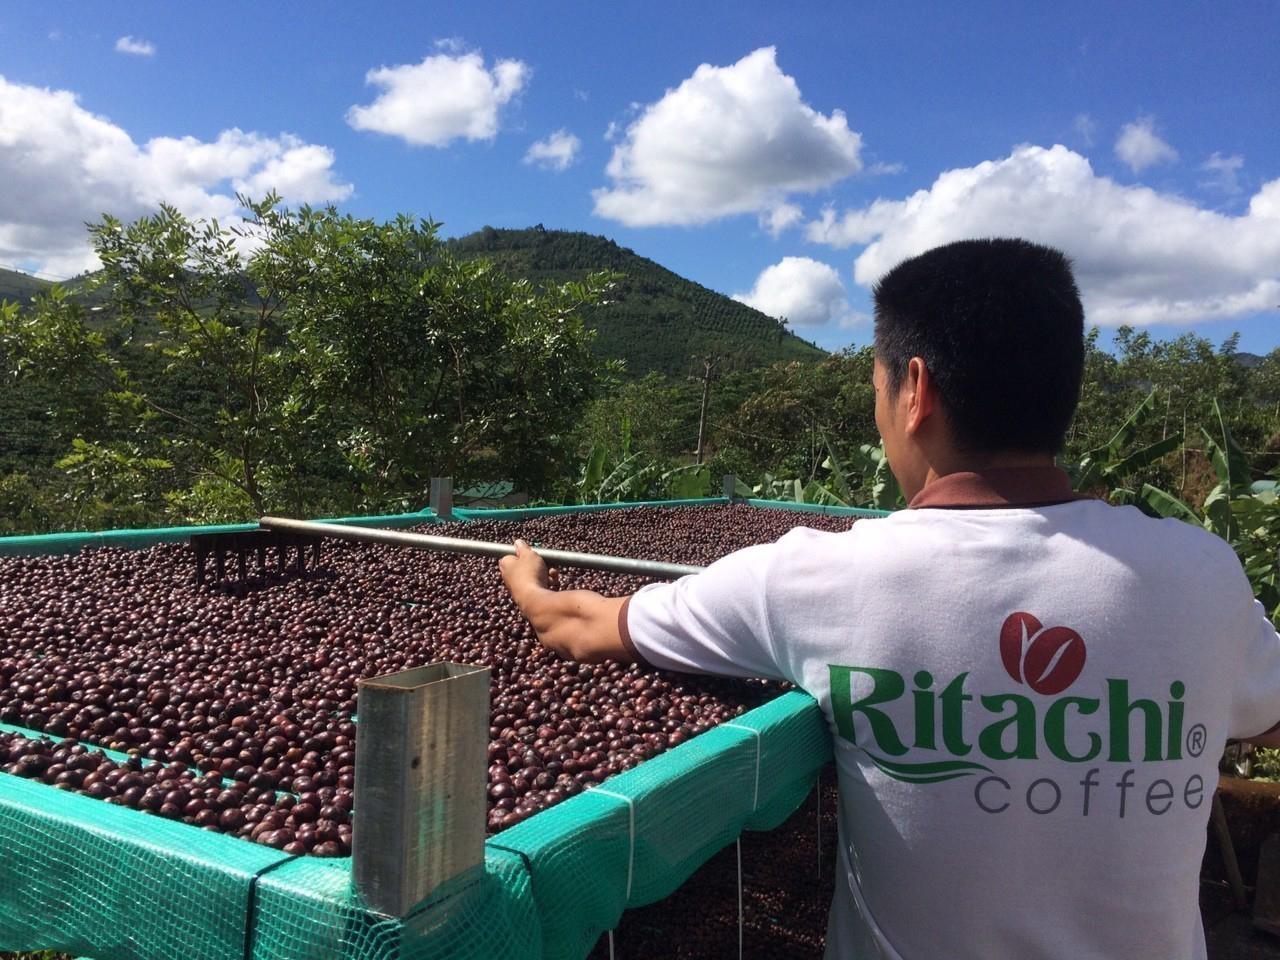 Điểm lại xu hướng thực phẩm xanh trong dịp Tết nguyên Đán 2019 – Cà phê sạch RITACHI COFFEE